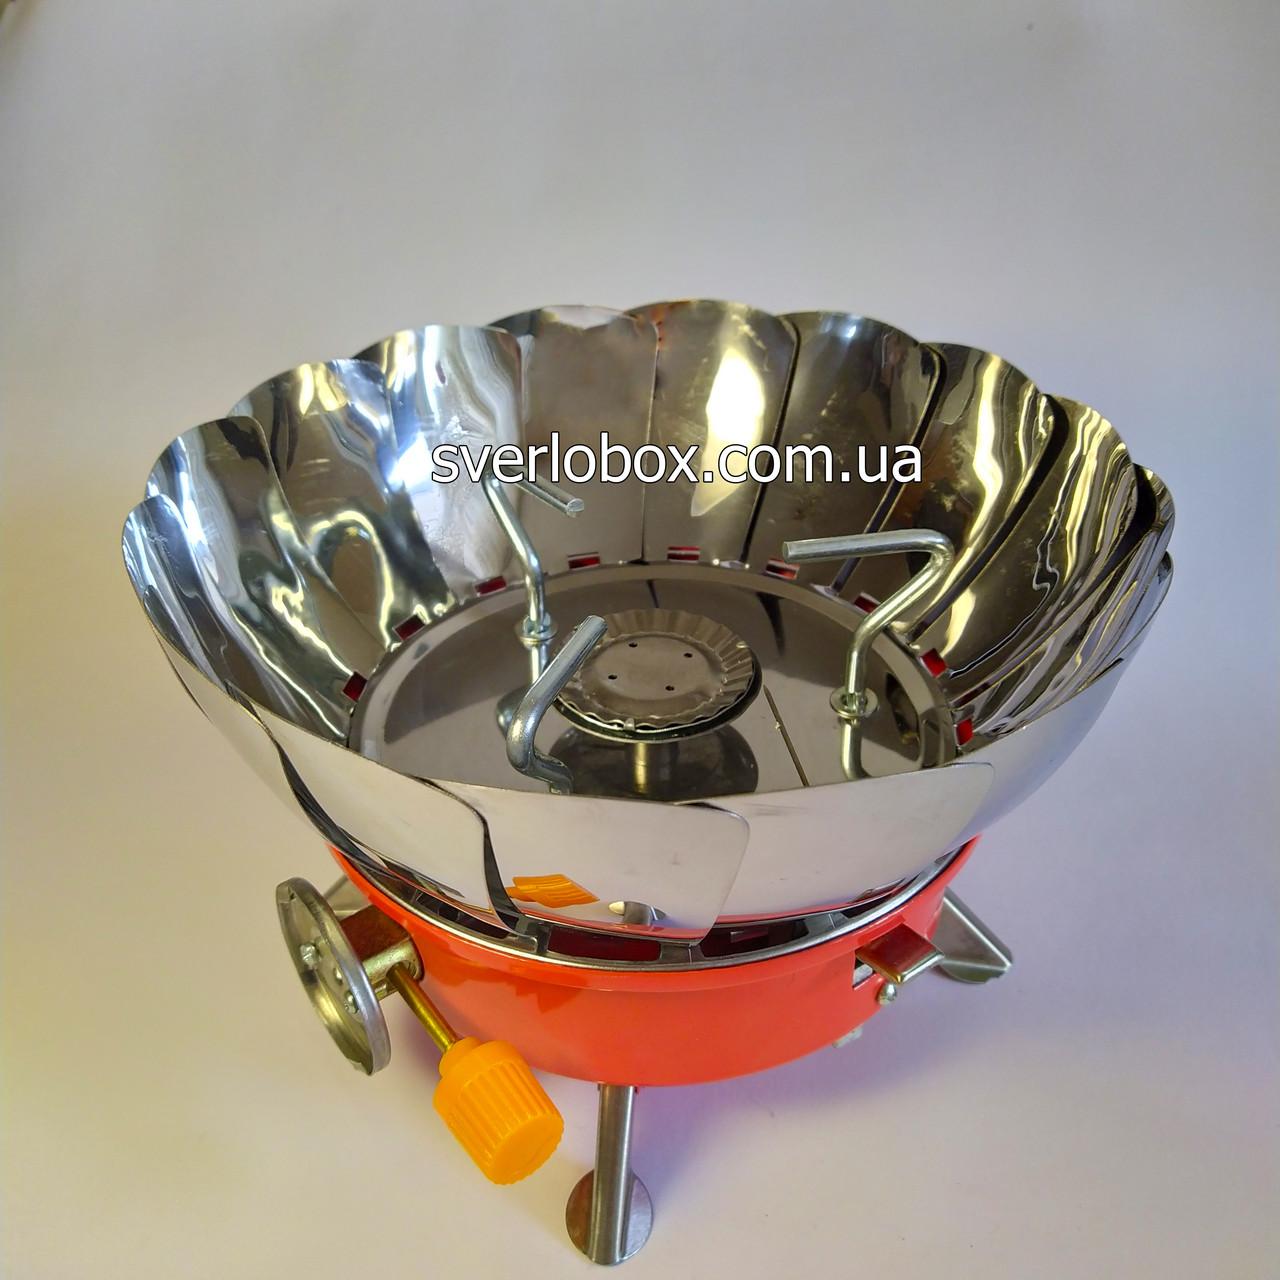 Портативная газовая плита k-205